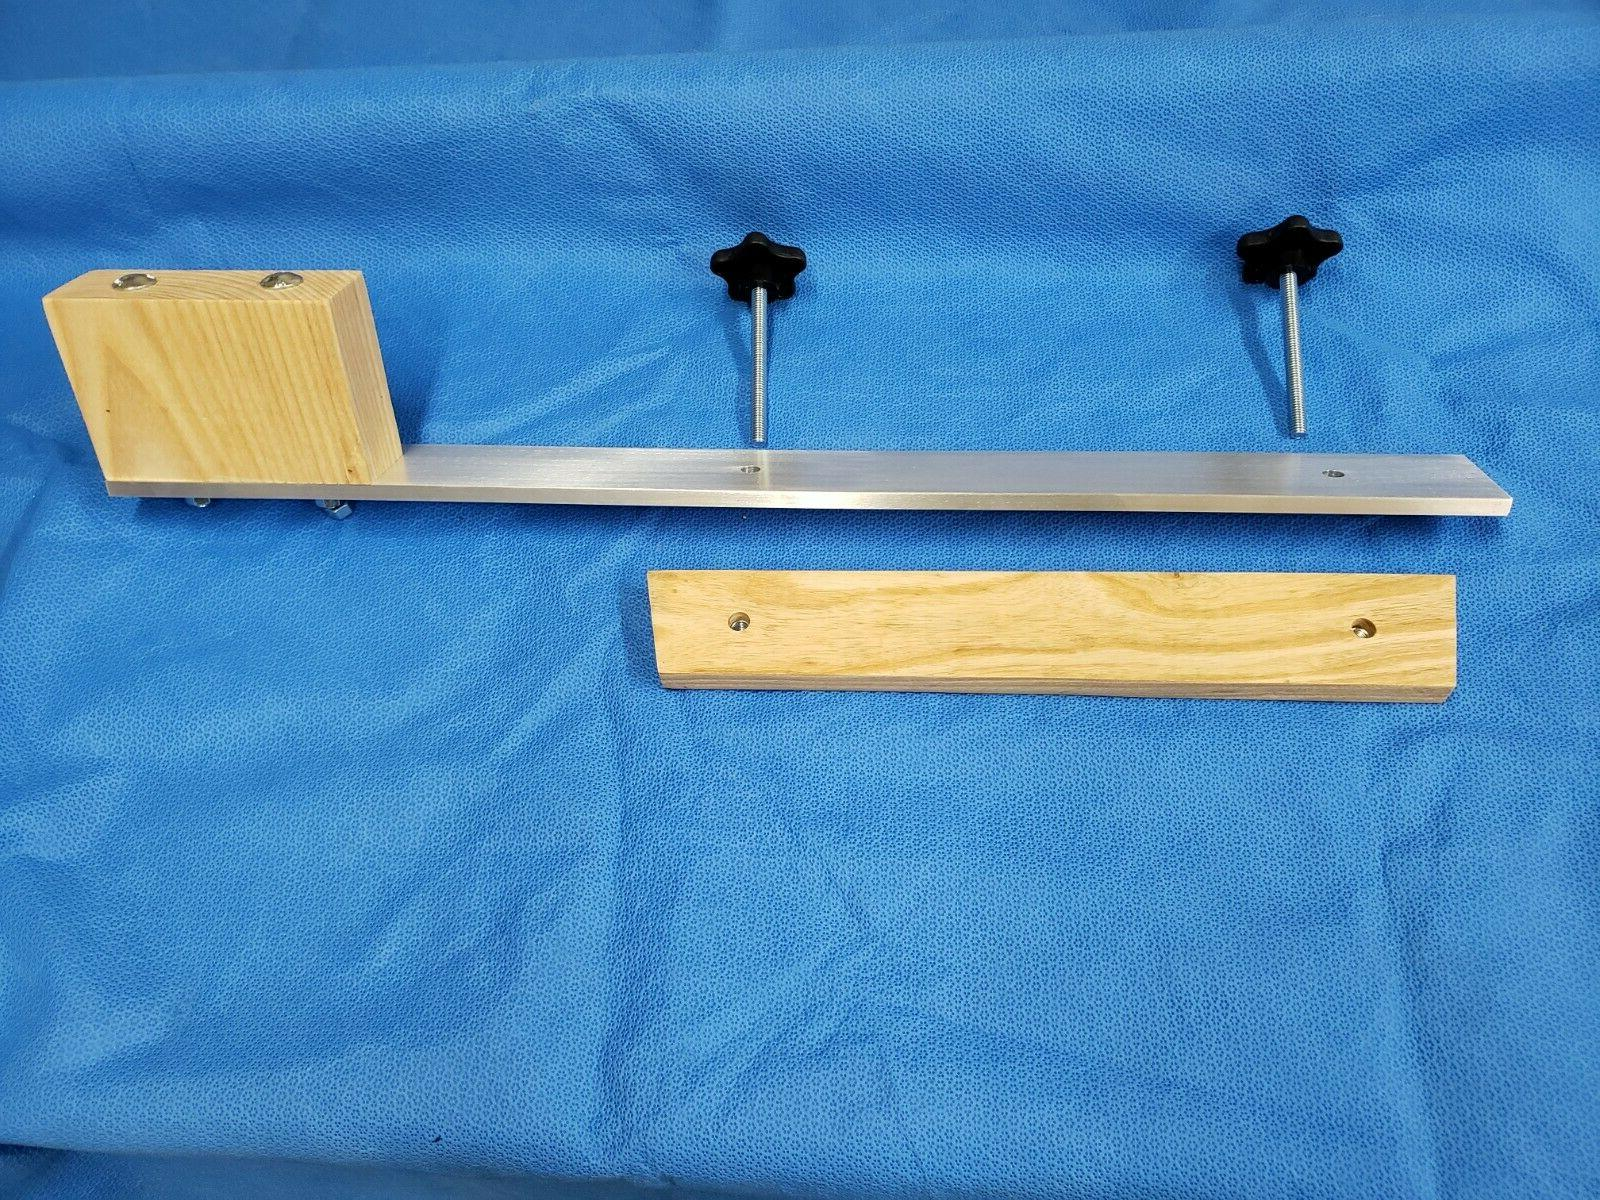 Canoe trolling mount - 2.5 Crossbar w/ Motor